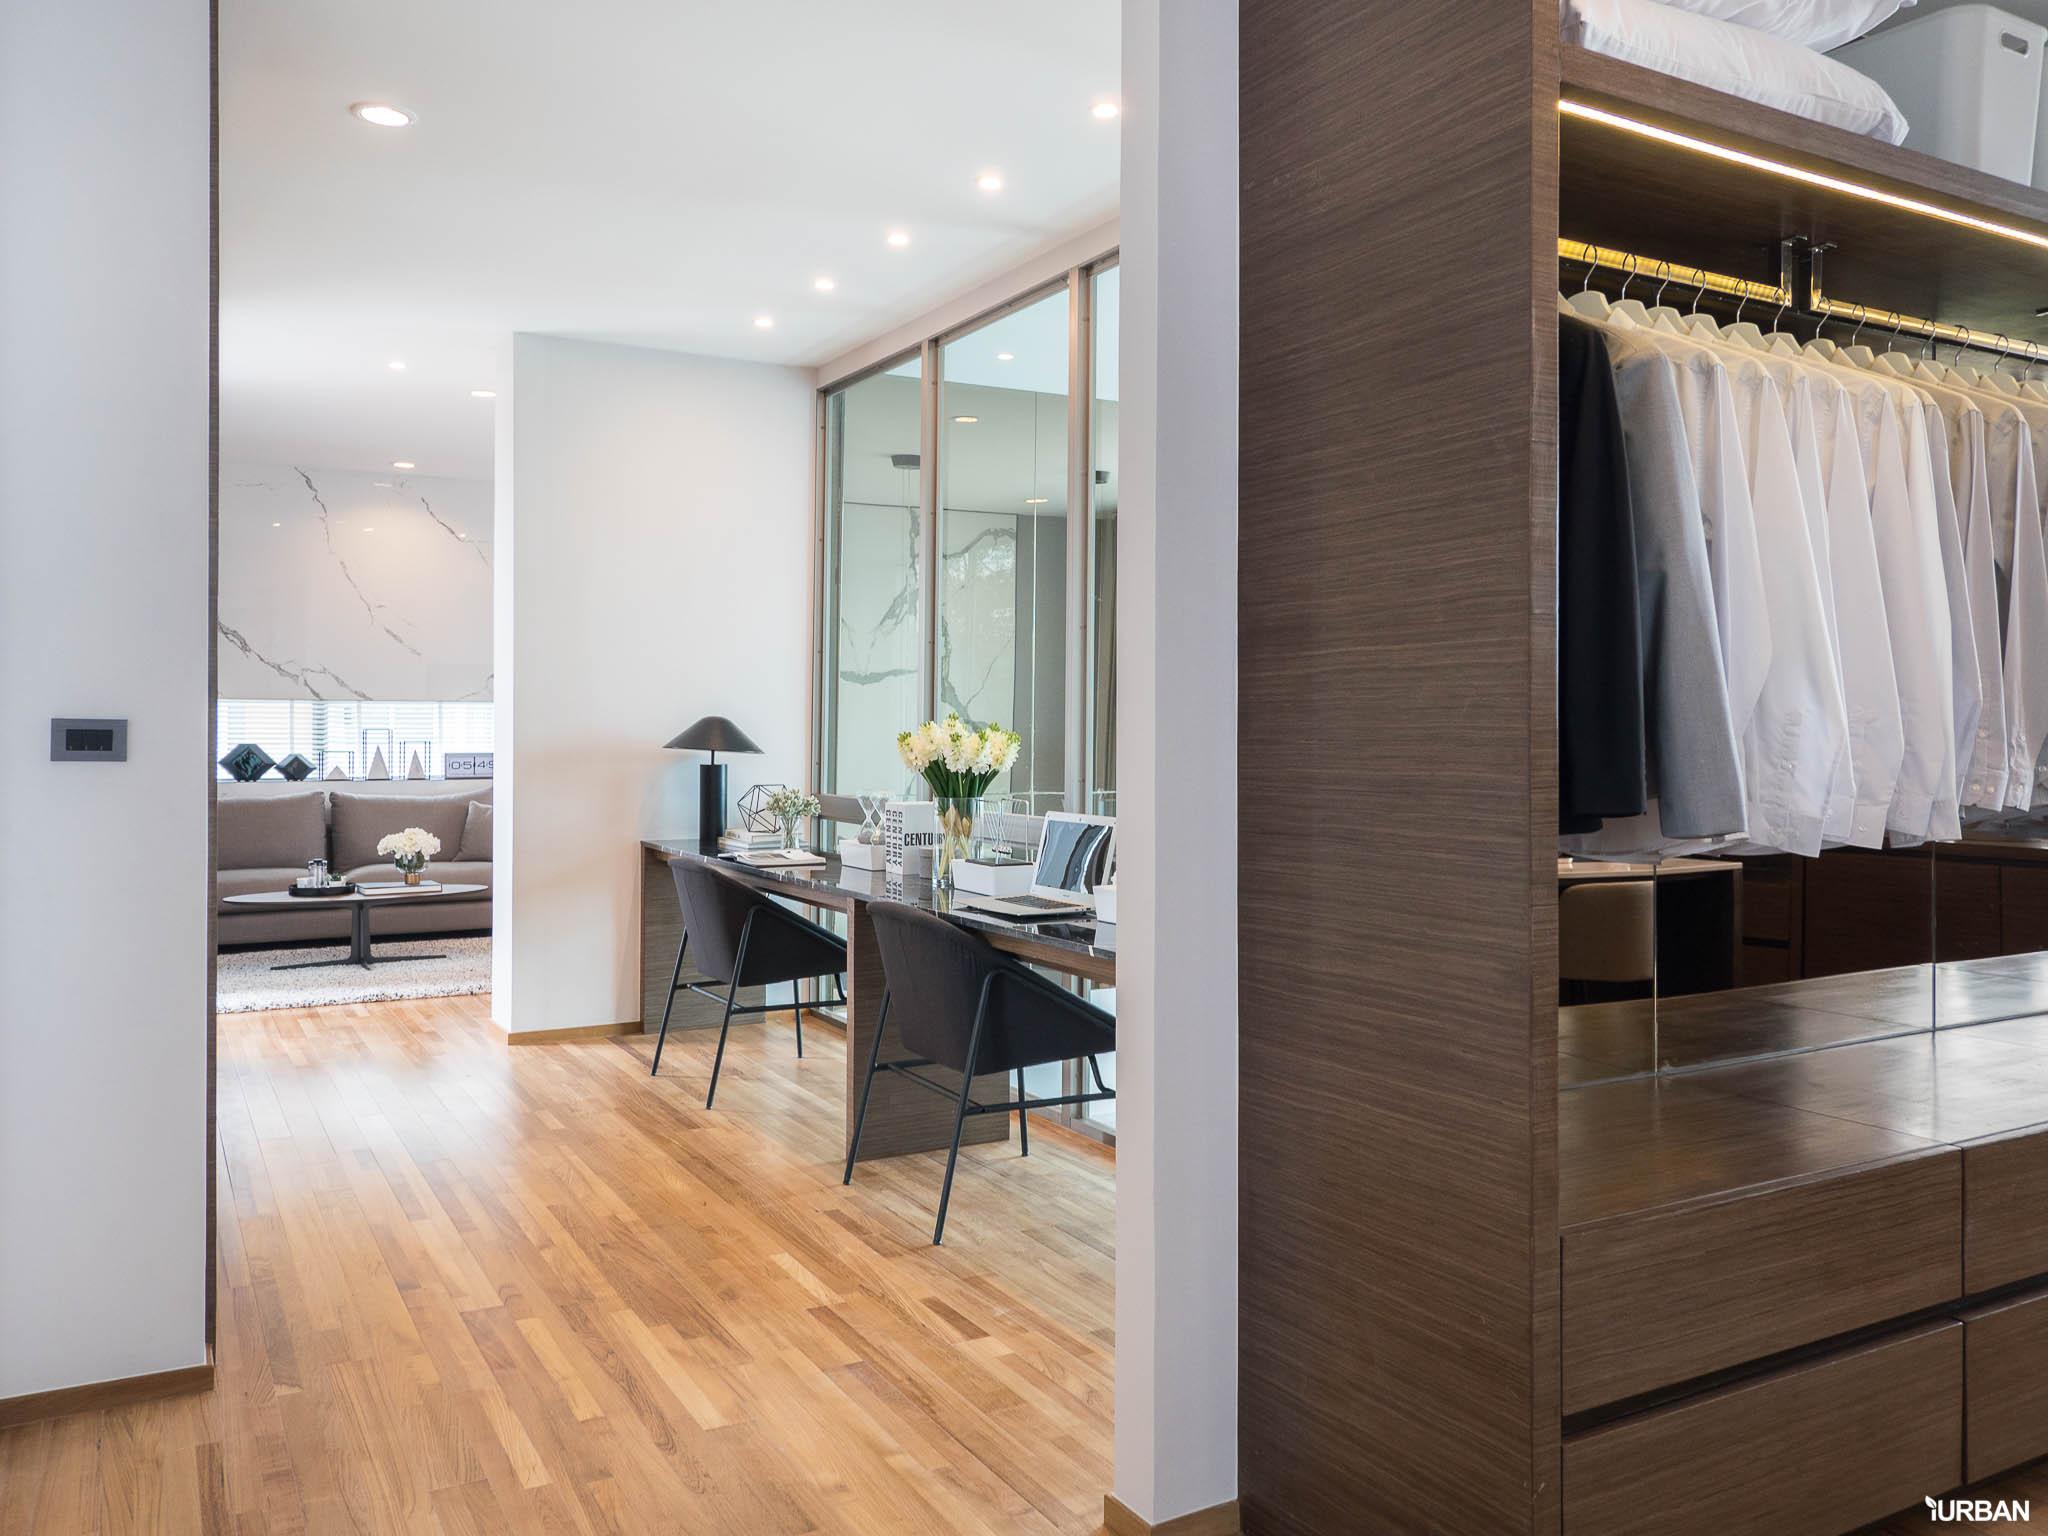 รีวิว Nirvana BEYOND Udonthani บ้านเดี่ยว 3 ชั้น ดีไซน์บิดสุดโมเดิร์น บนที่ดินสุดท้ายหน้าหนองประจักษ์ 114 - Luxury